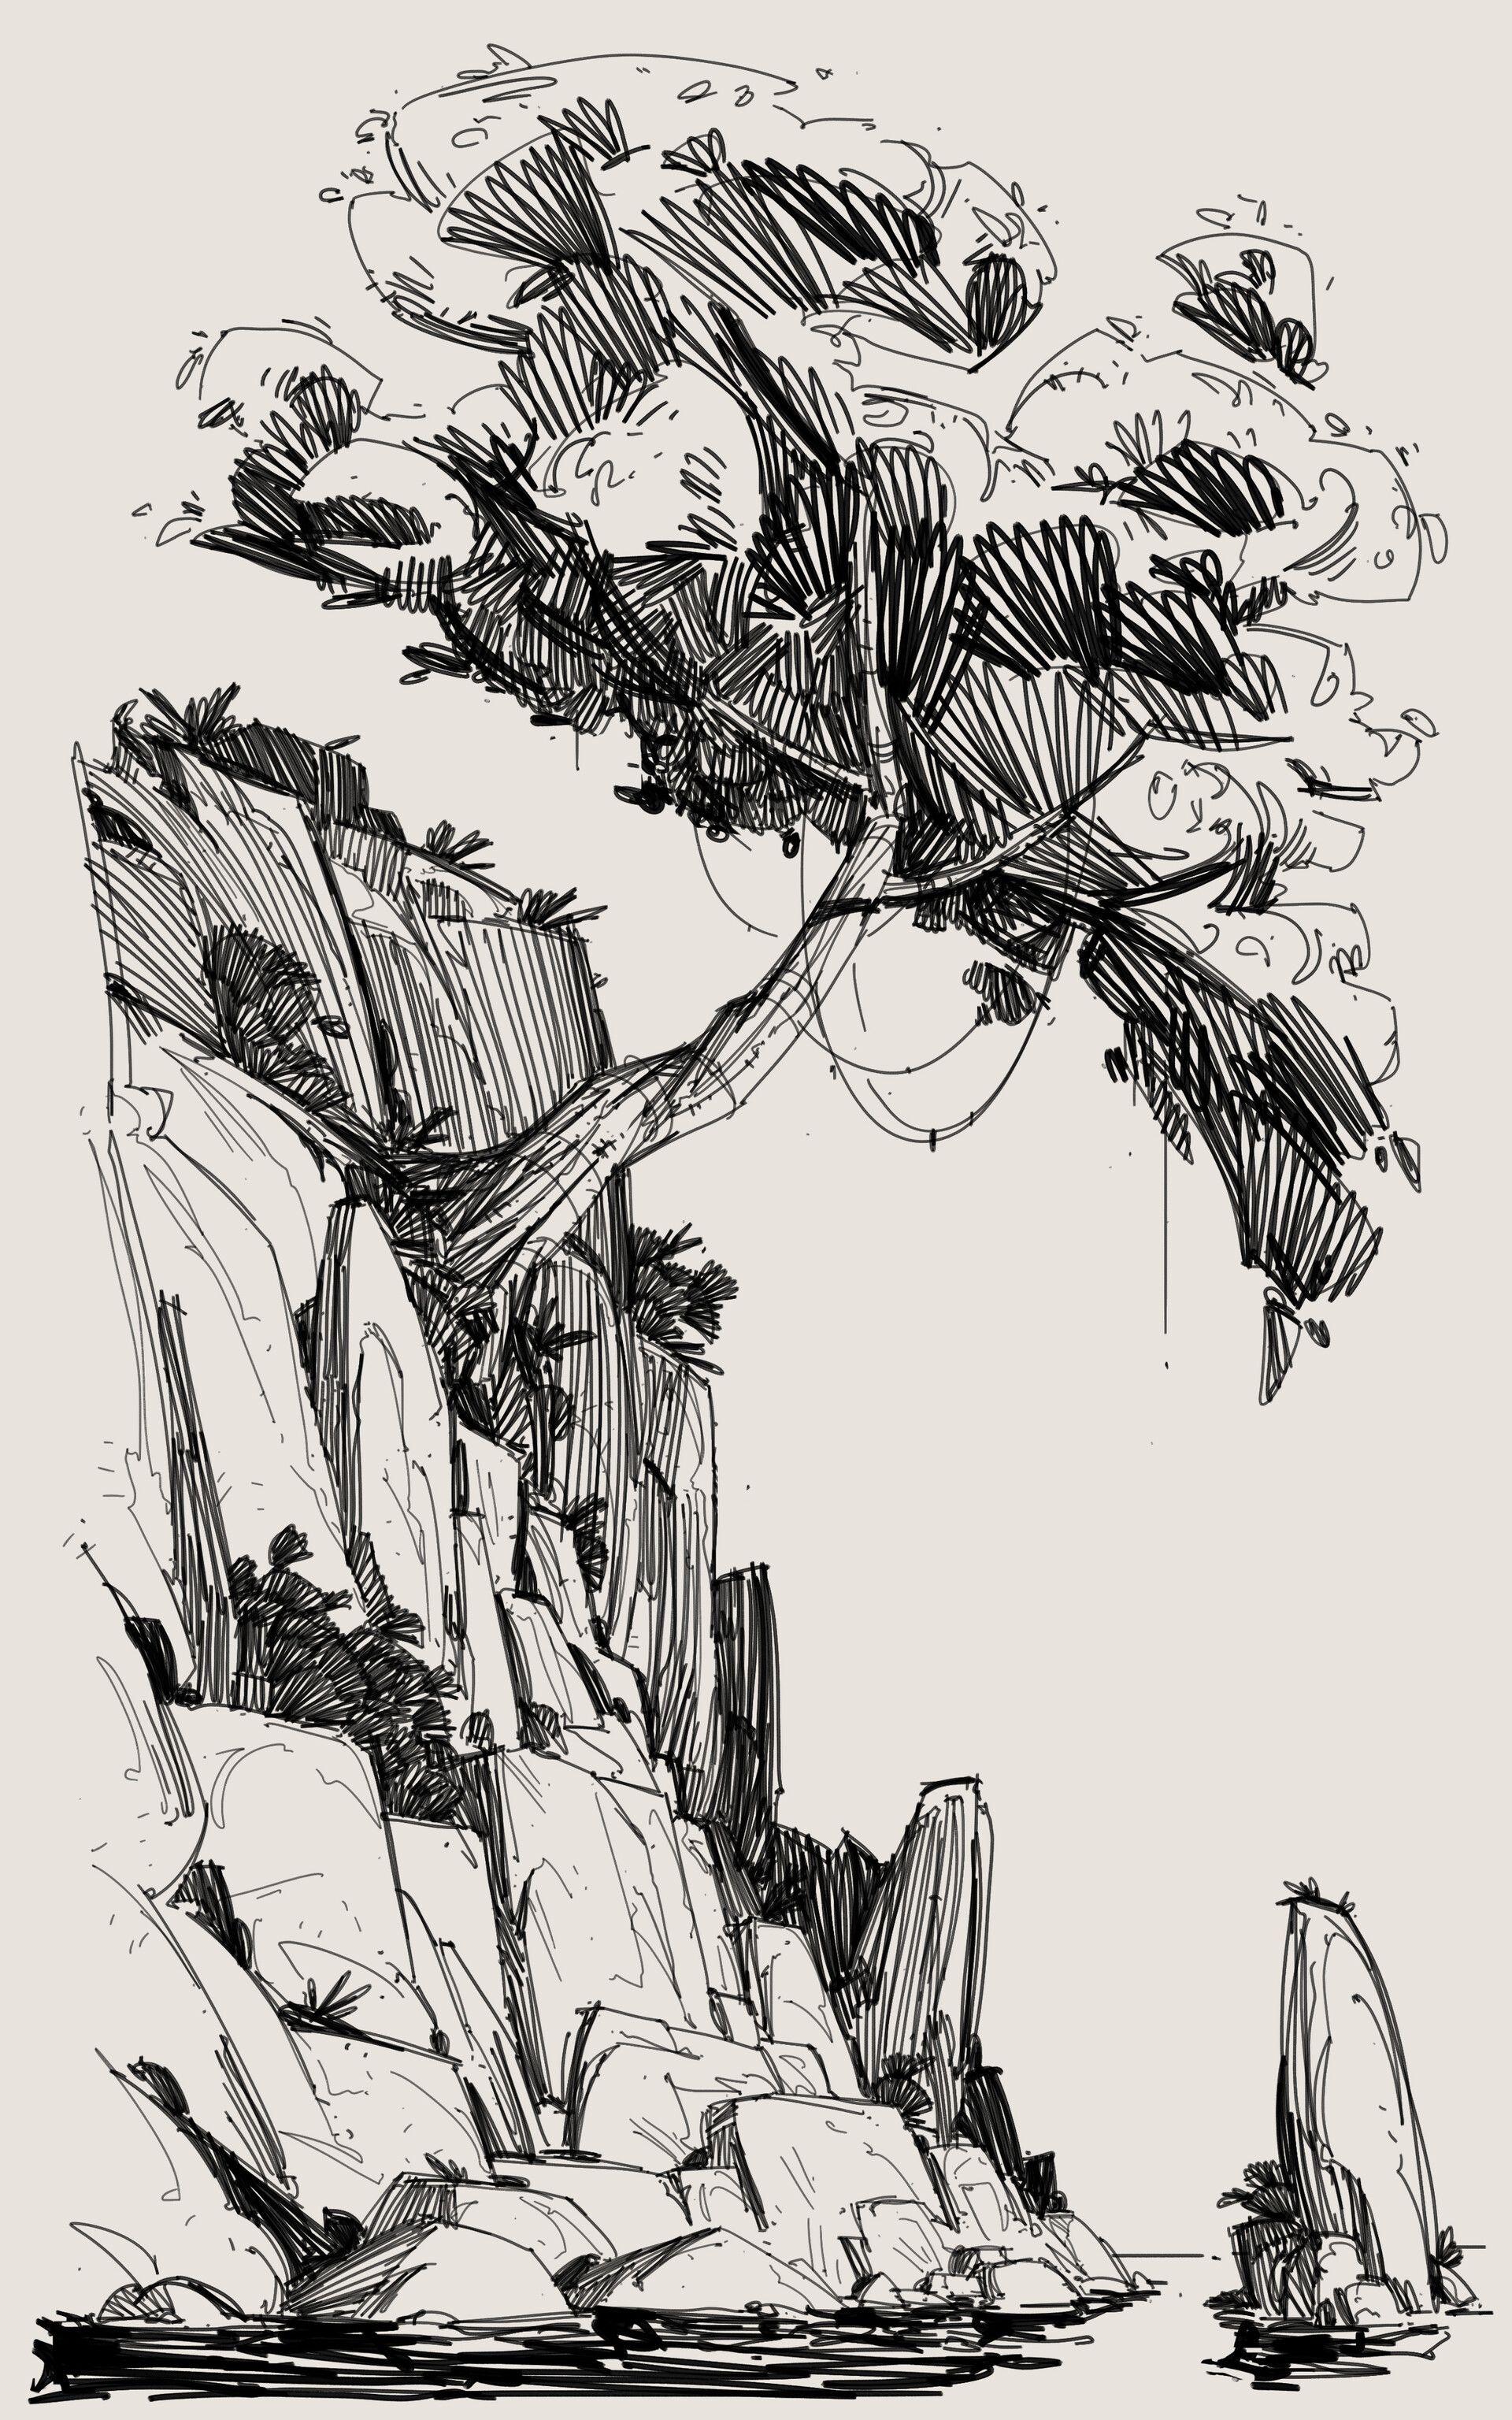 Daily Sketch - Sea Rocks, George Brad